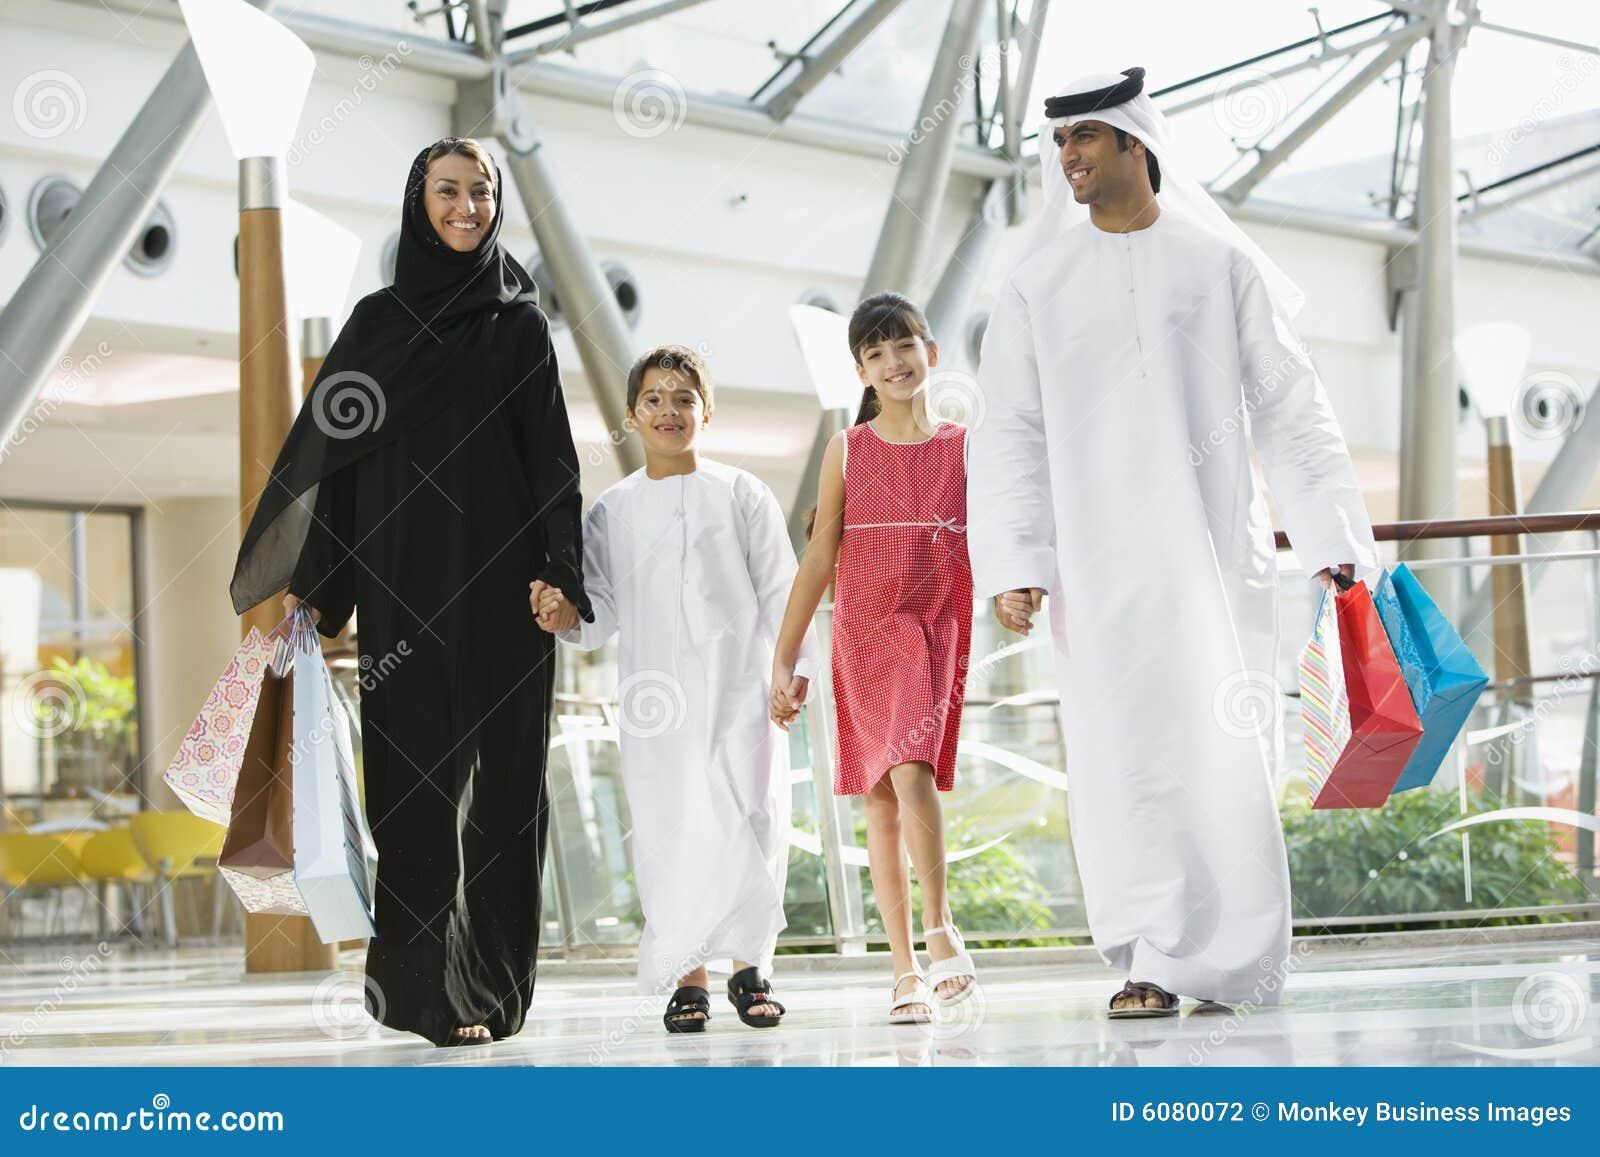 Eine nahöstliche Familie in einem Einkaufszentrum